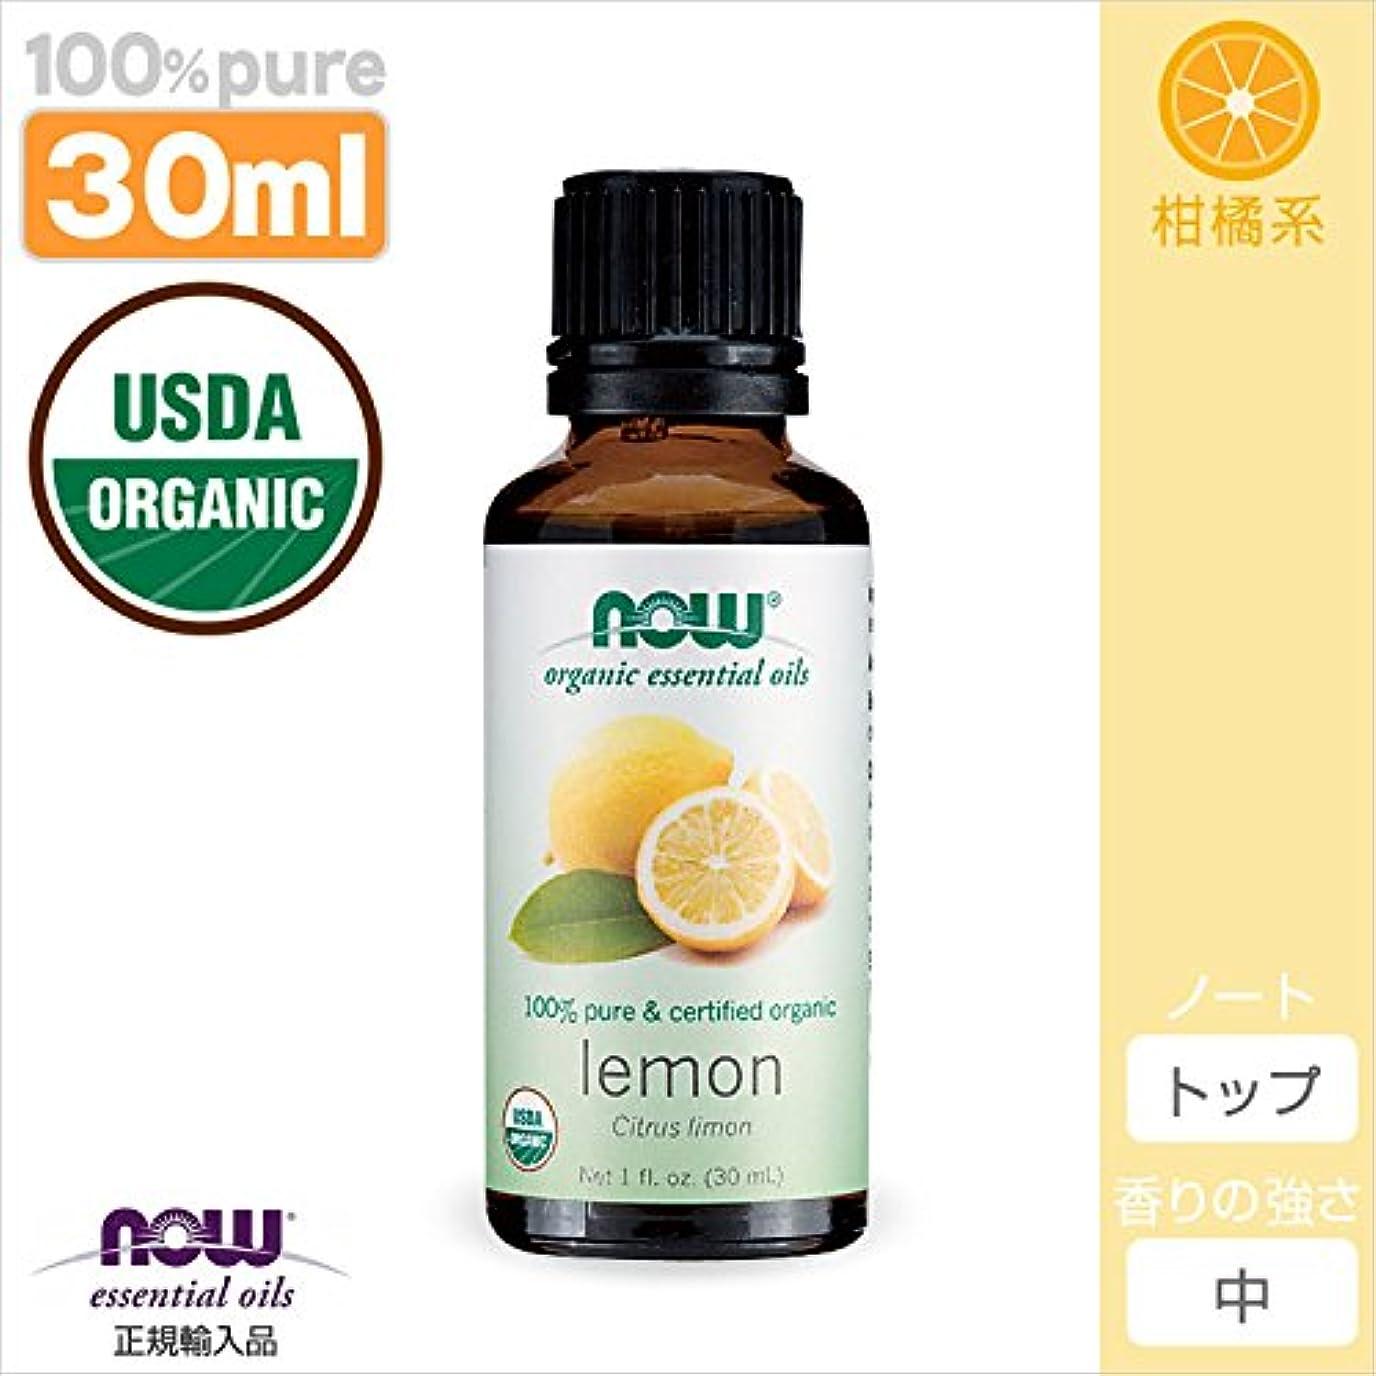 見つけた根拠蓮レモン精油オーガニック[30ml] 【正規輸入品】 NOWエッセンシャルオイル(アロマオイル)